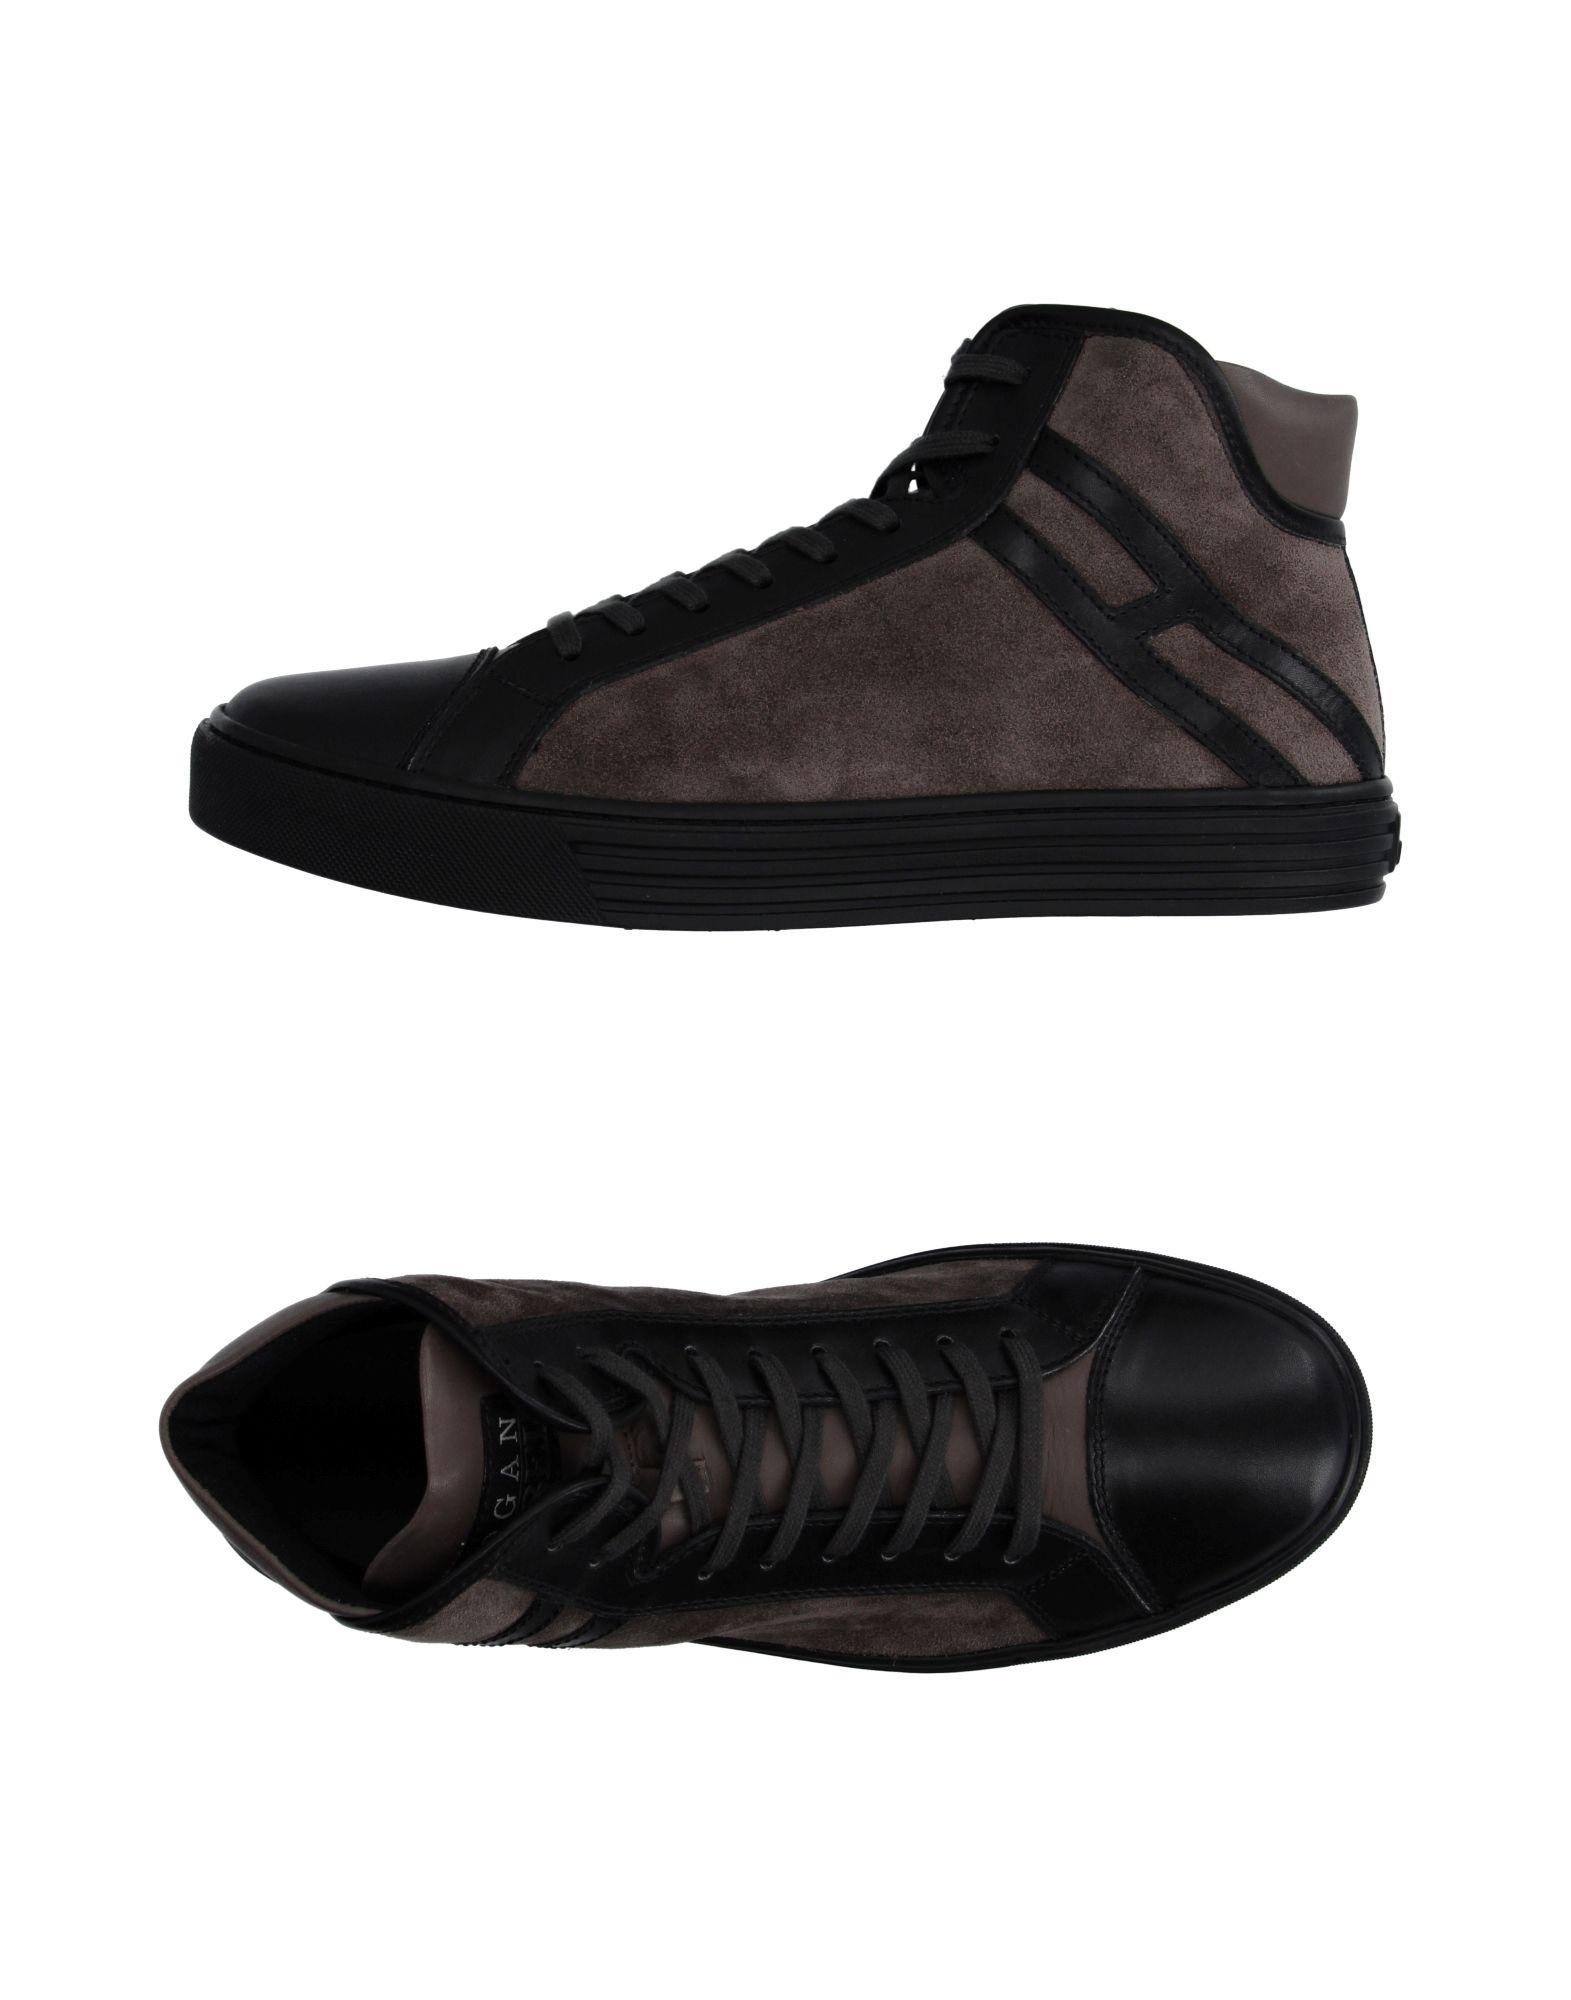 Hogan Rebel Sneakers Schuhe Herren  11035435UD Neue Schuhe Sneakers 3c8aec